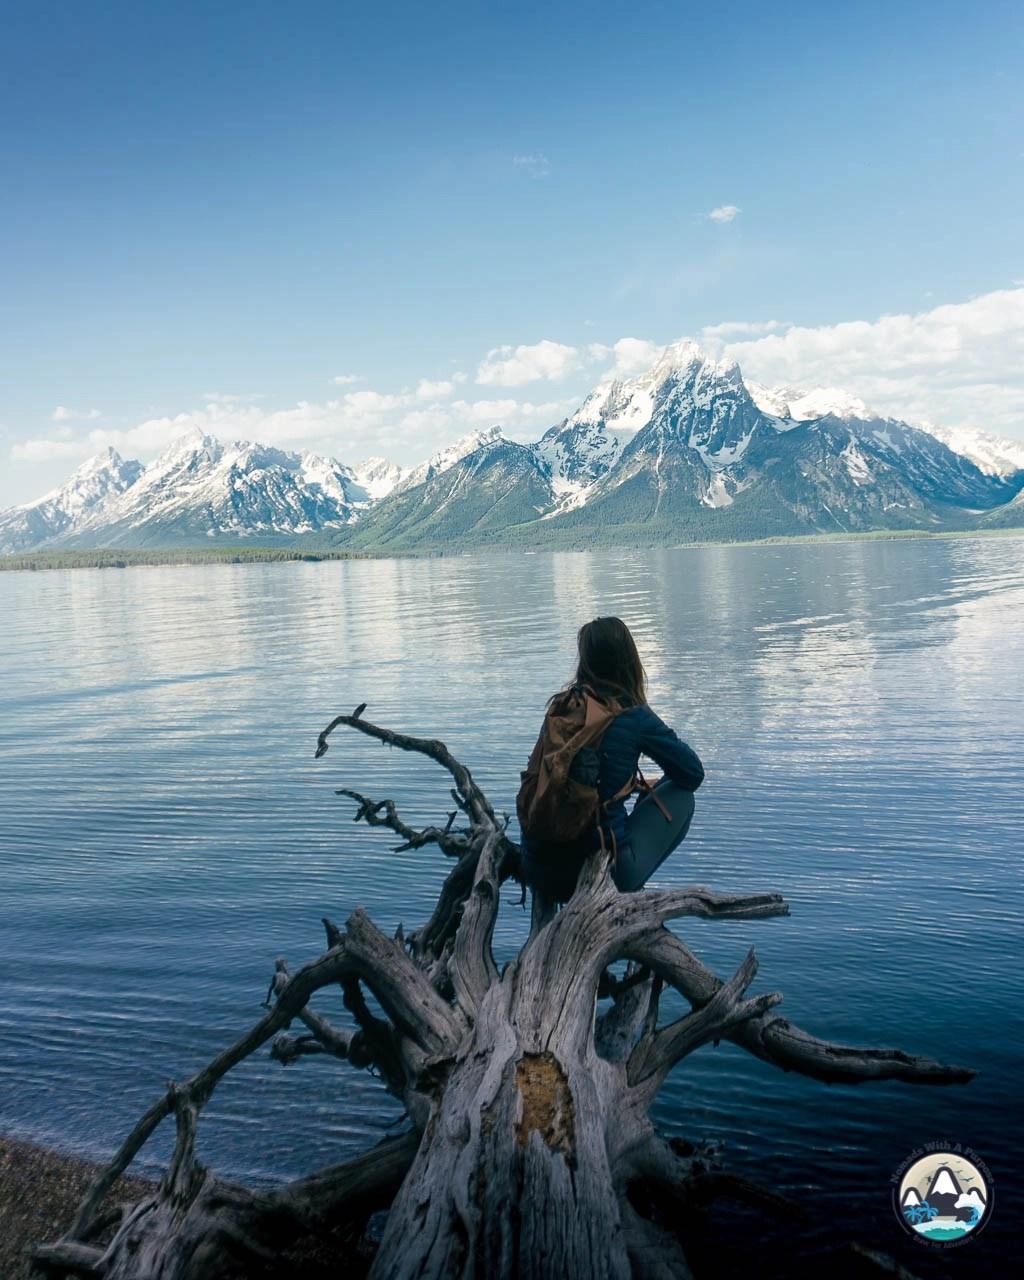 Colter Bay Lakeshore views, Grand Teton National Park, Wyoming